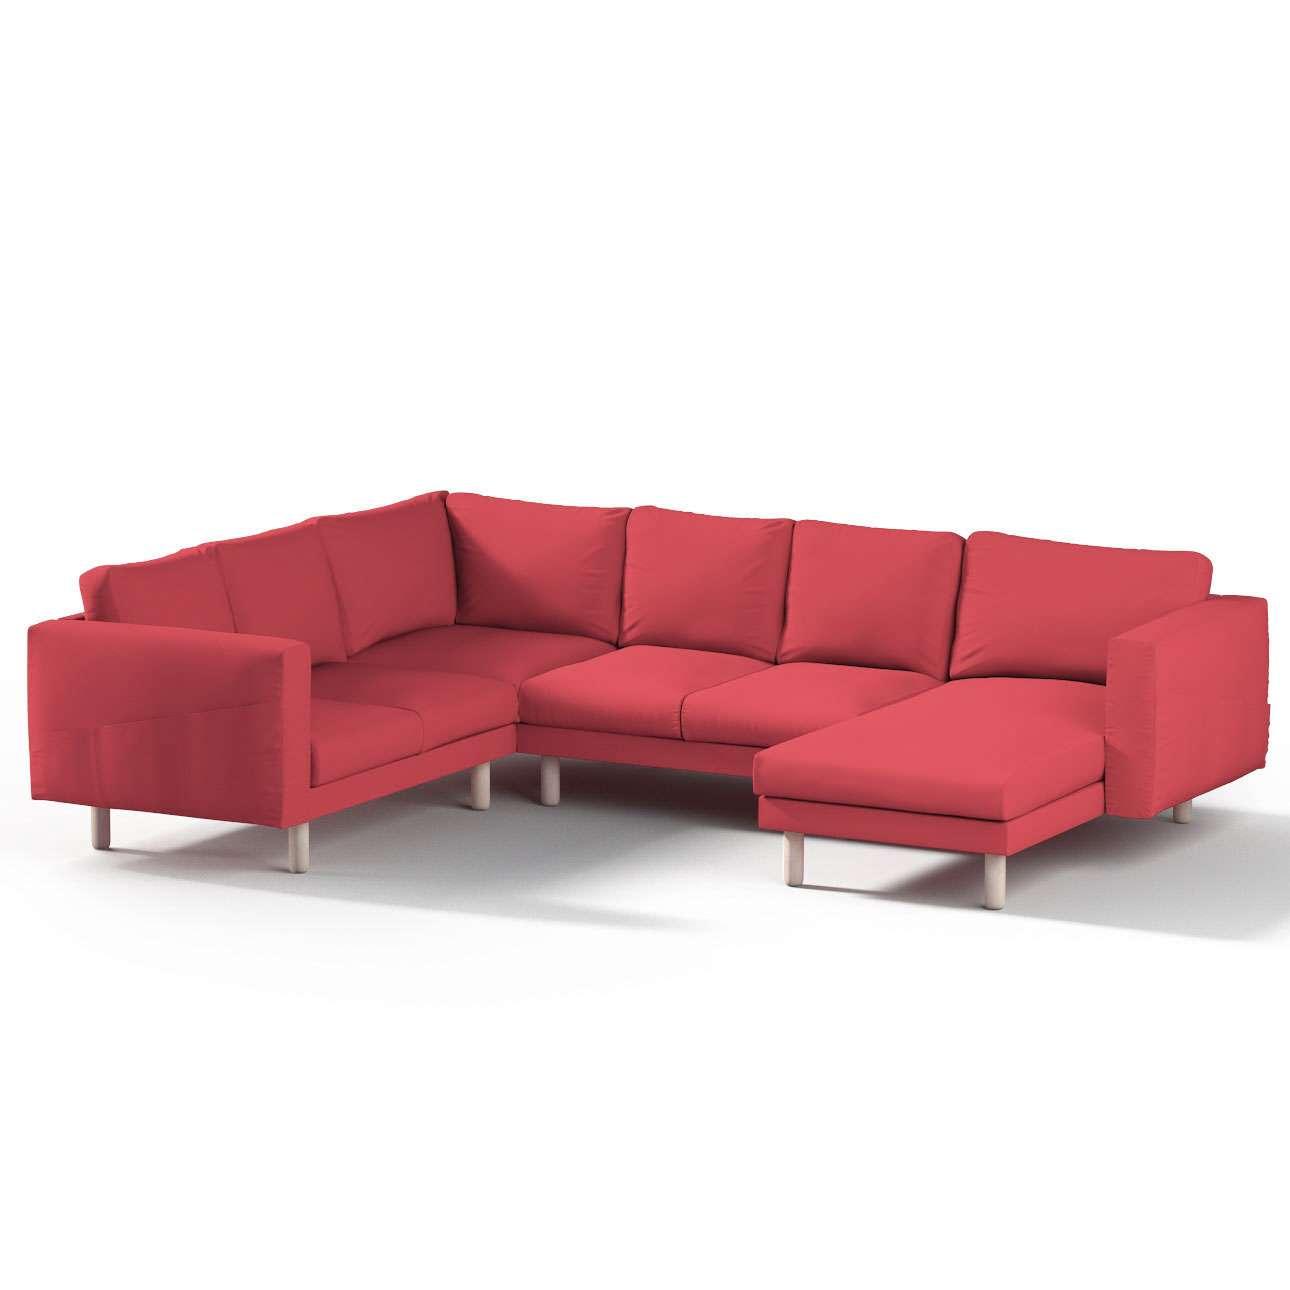 Pokrowiec na sofę narożną Norsborg 5-osobową z szezlongiem w kolekcji Etna, tkanina: 705-60